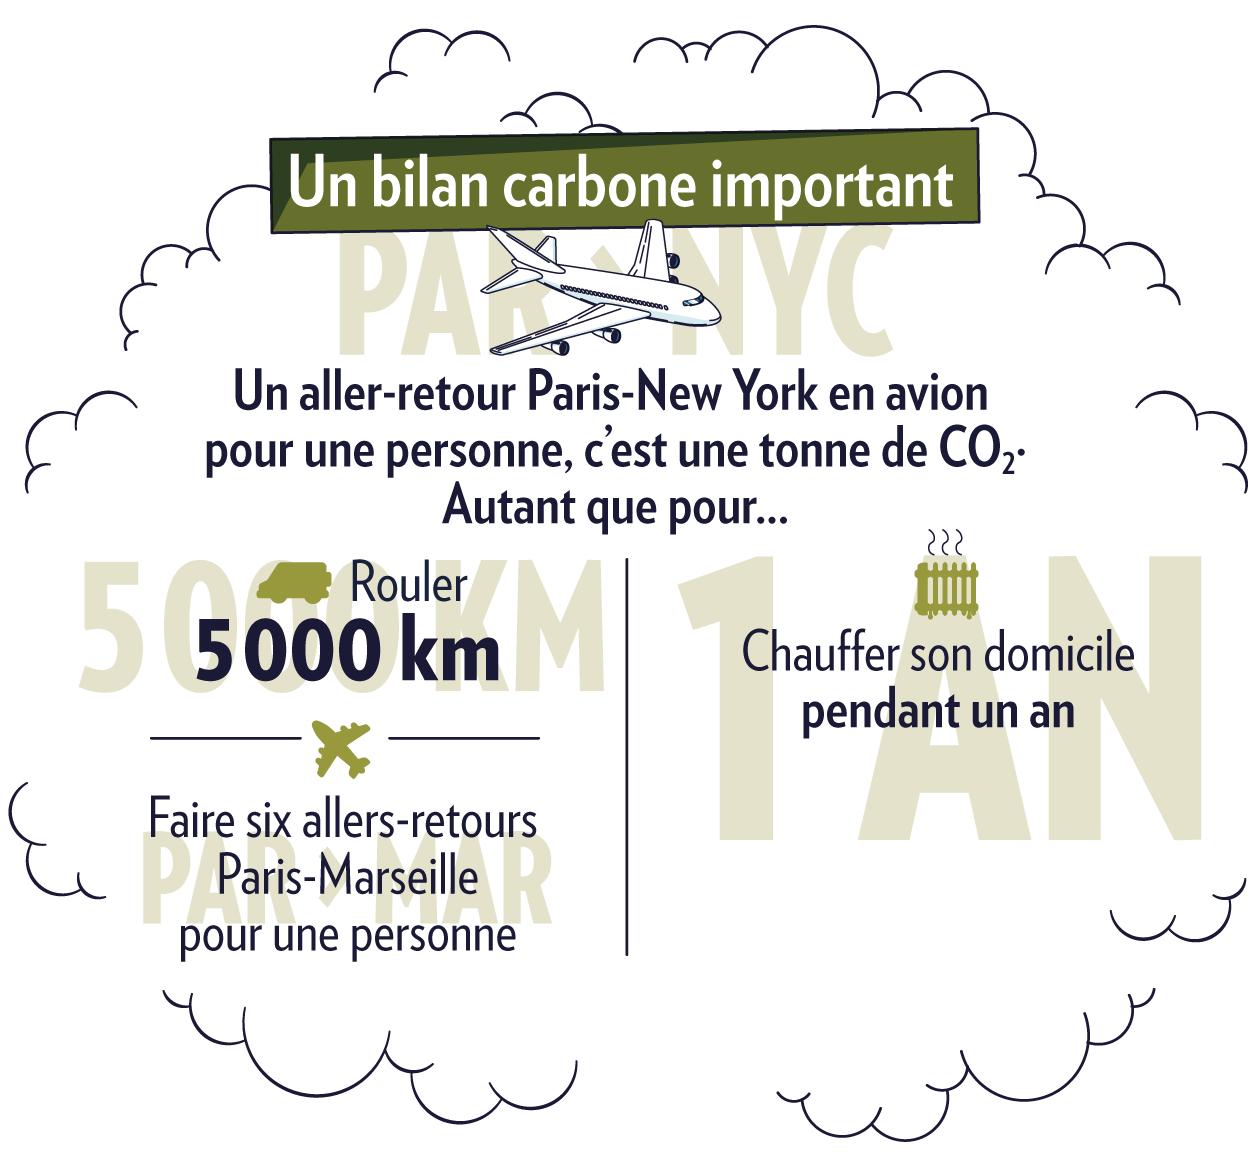 Emissions de CO2 de l'avion comparées à d'autres consommations